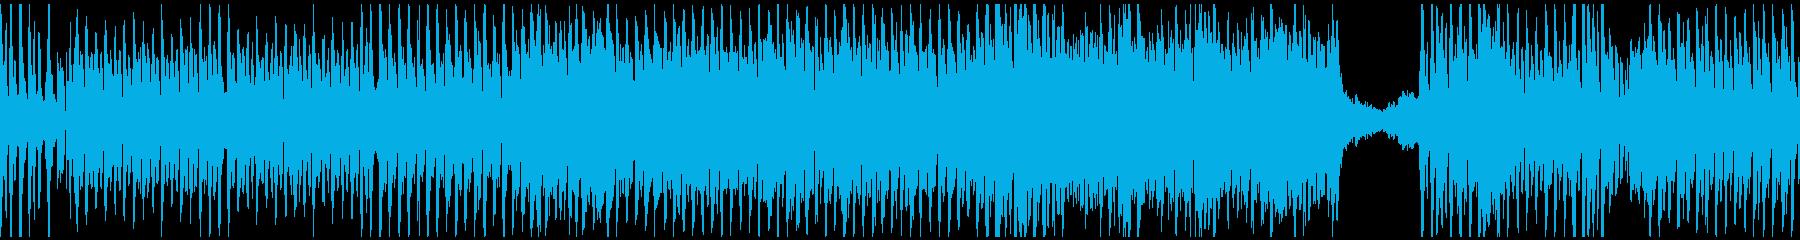 ポップなゴシックオーケストラ(ループ)の再生済みの波形